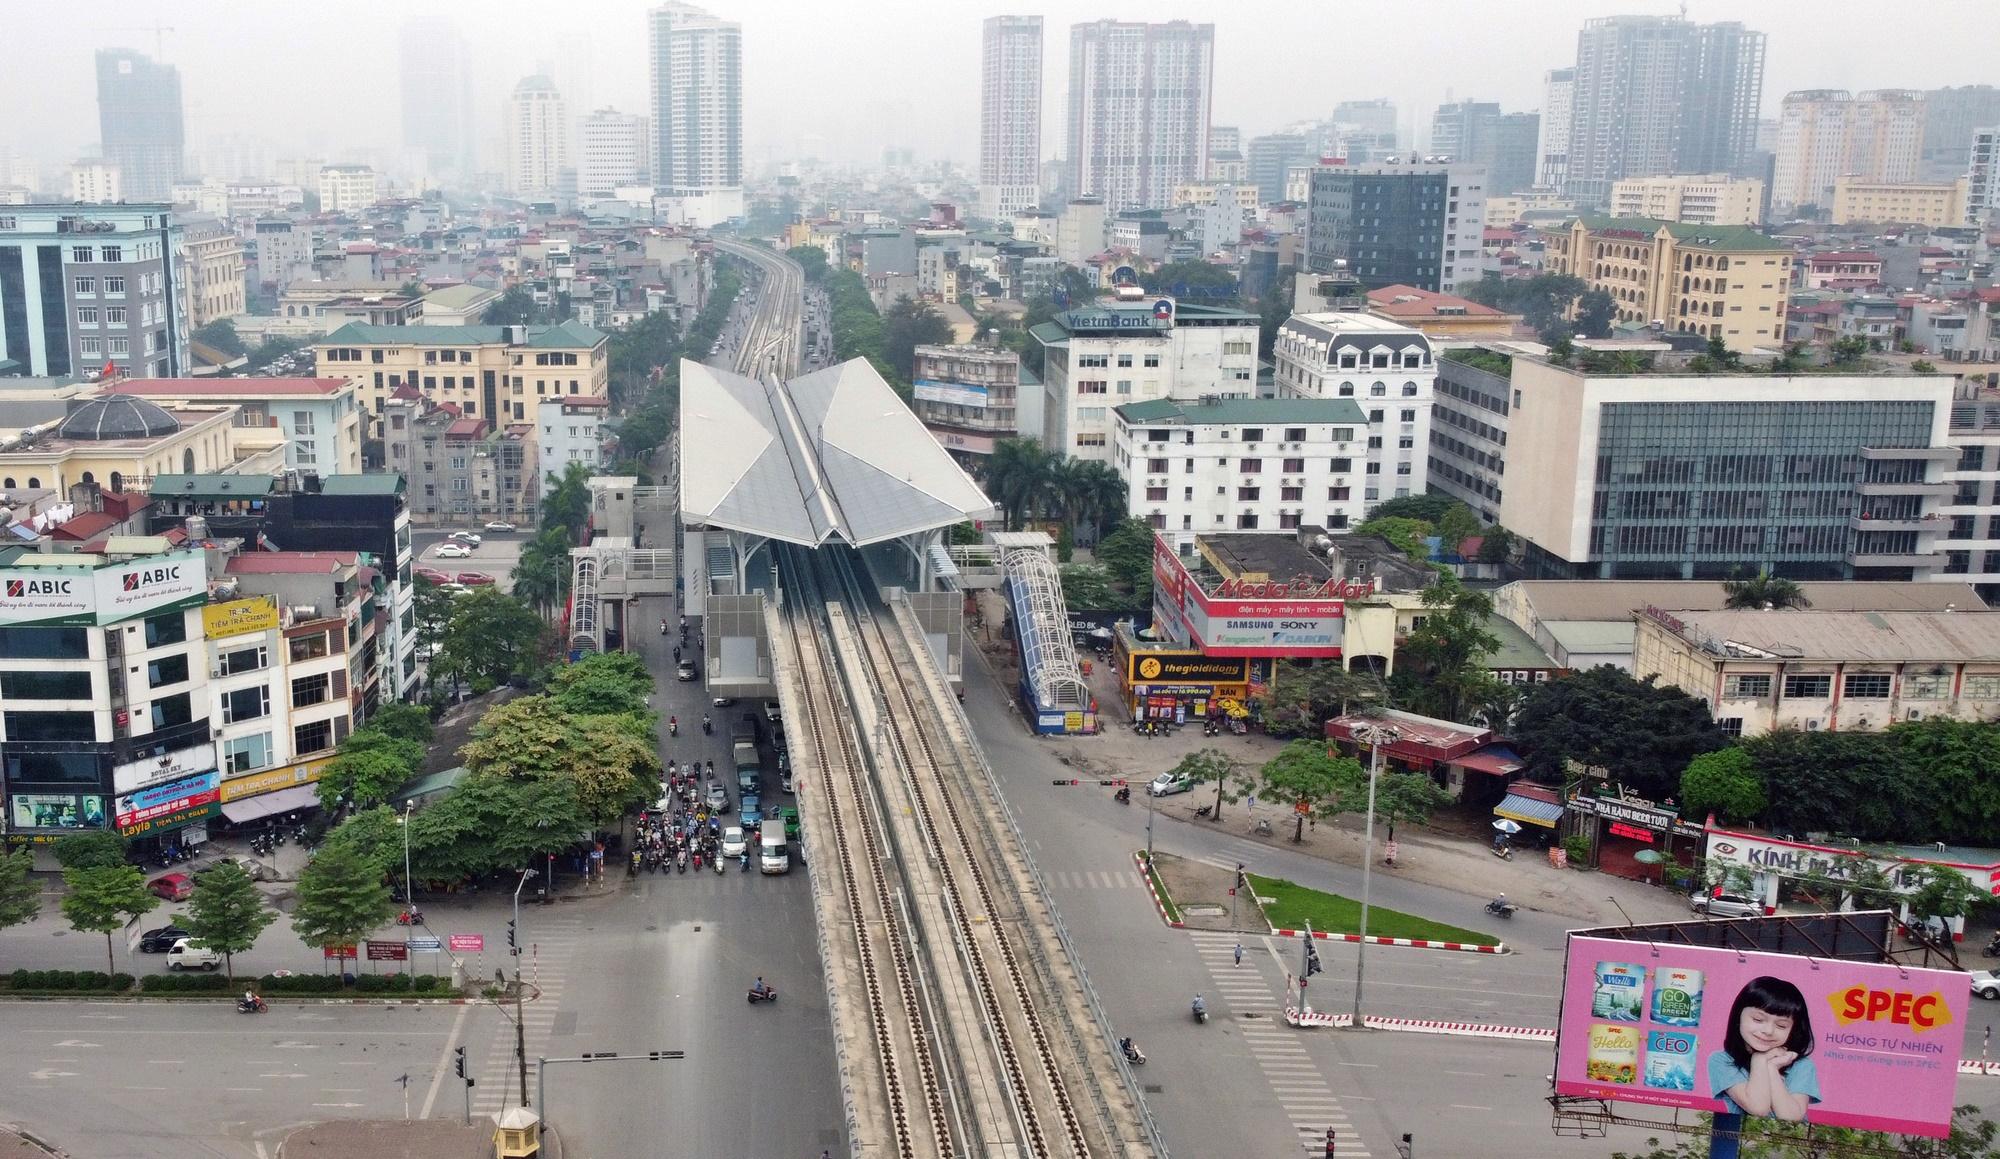 Hà Nội dự kiến rót ít nhất 50 nghìn tỷ đồng cho các tuyến đường sắt đô thị giai đoạn 2021 – 2025, chưa kể hai đoạn tuyến quy mô hơn 100 nghìn tỷ khởi công mới - Ảnh 1.